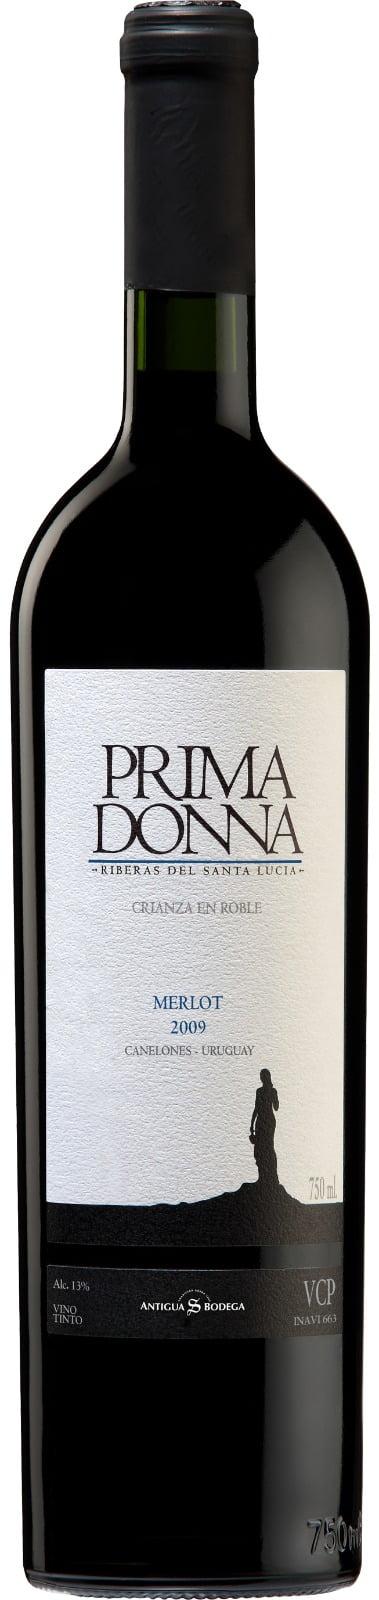 Prima Donna – Merlot   Uruguay   gemaakt van de druif: Merlot